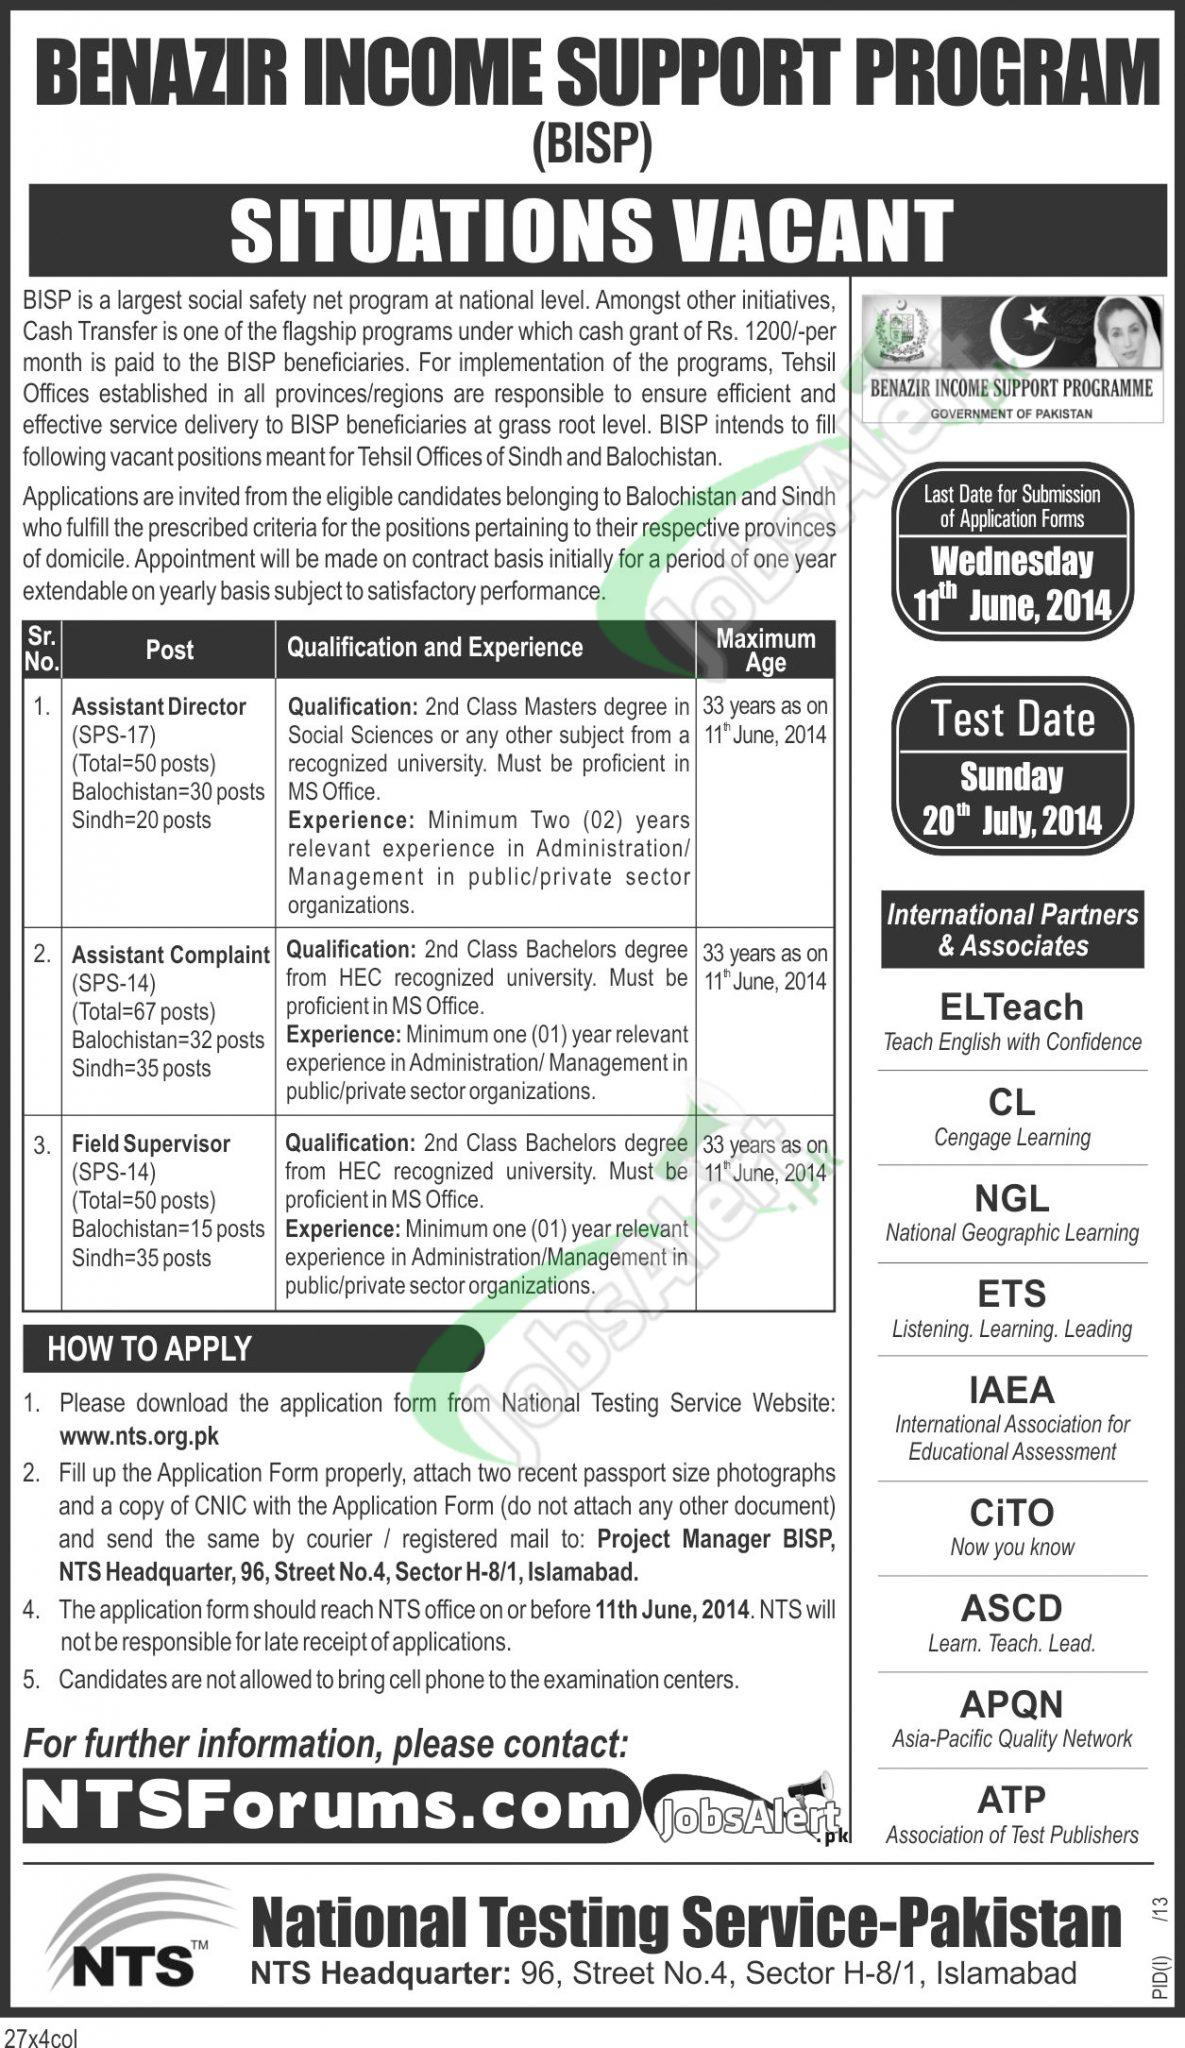 Benazir Income Support Program (BISP) Jobs 2014 NTS Test